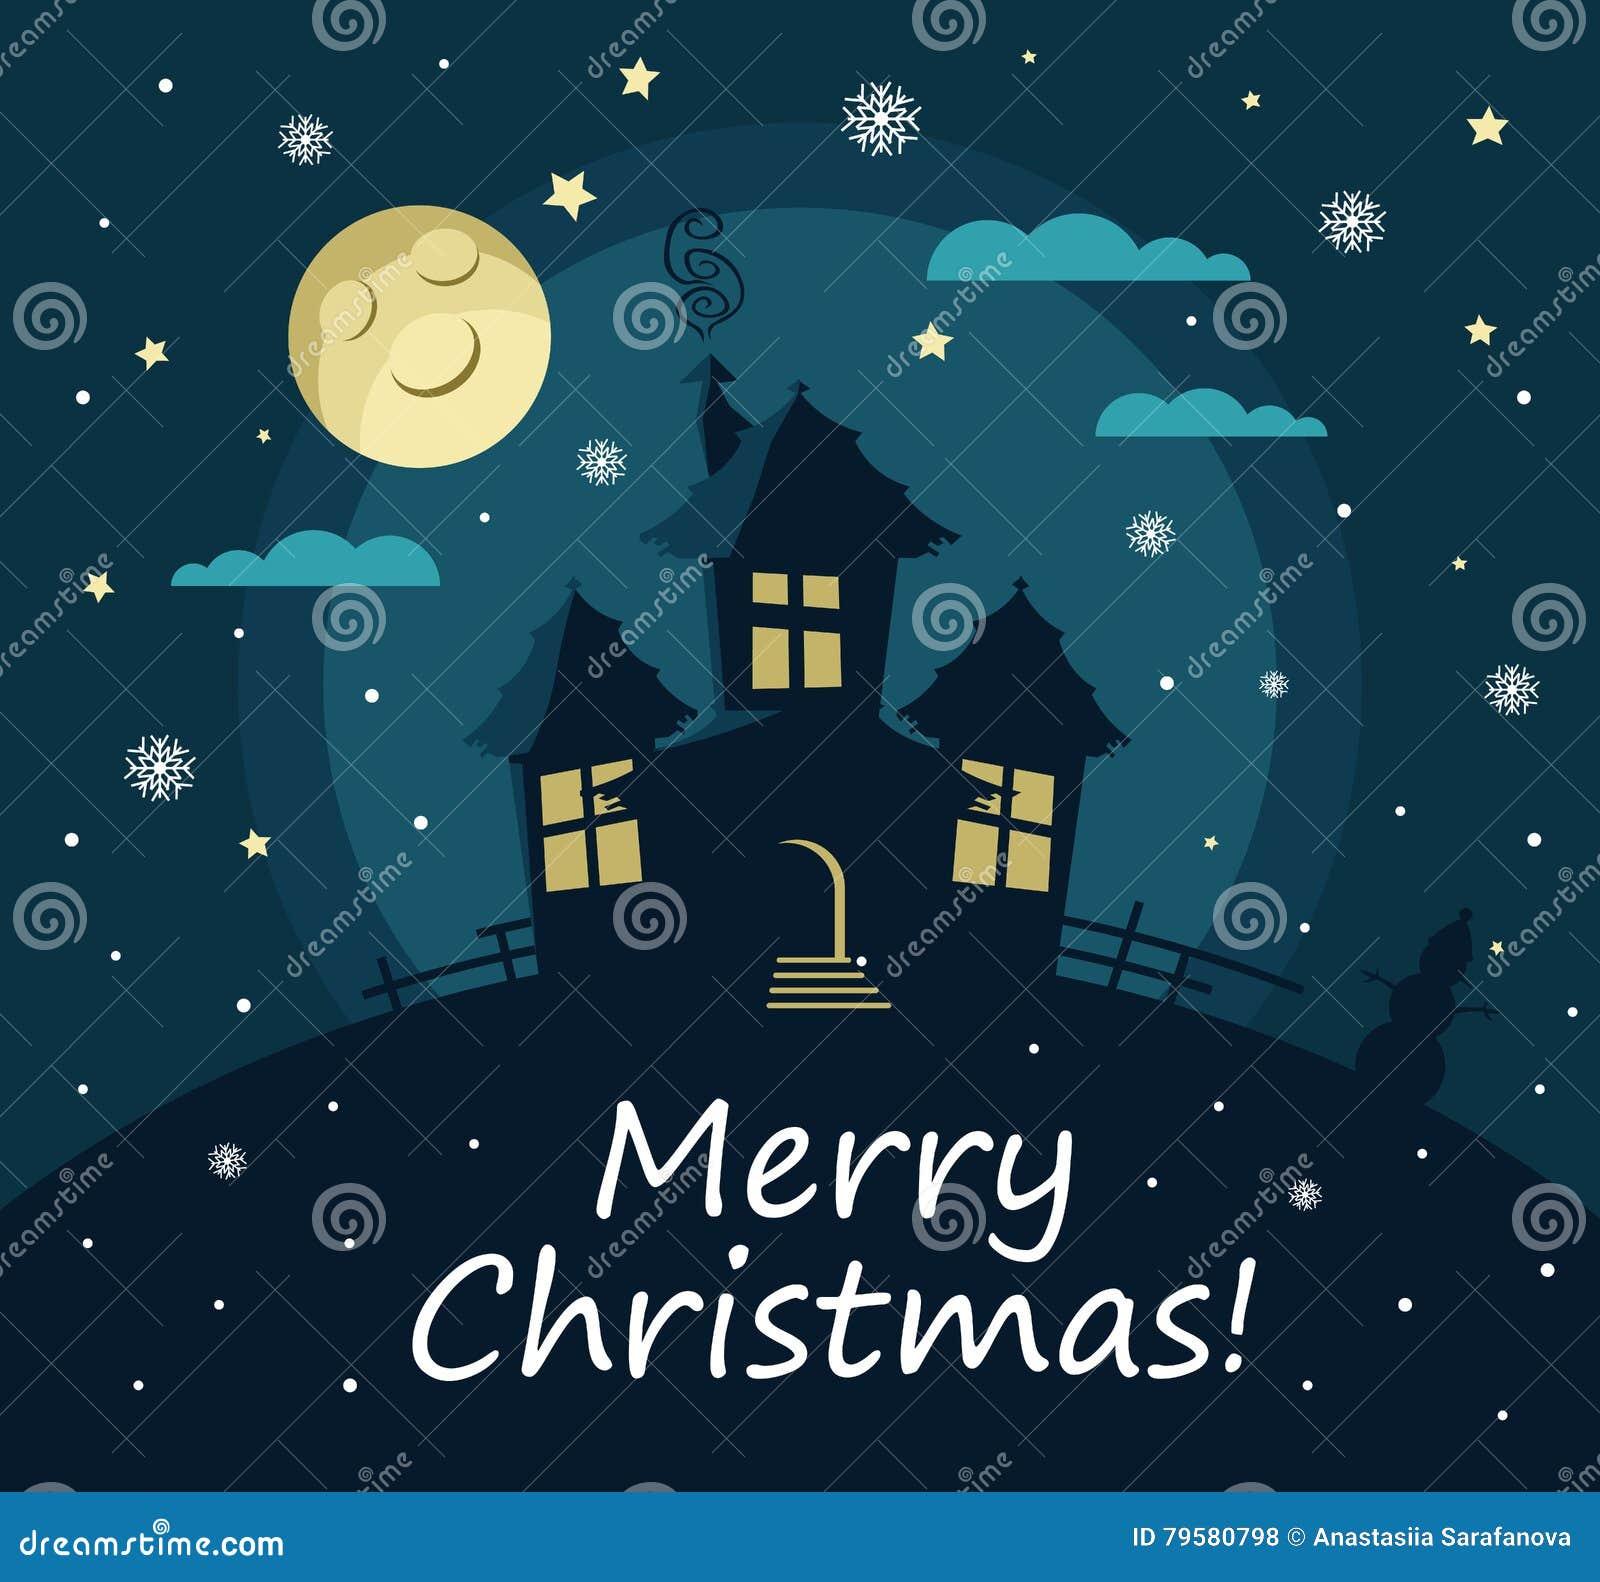 Plakat, Fahne Oder Hintergrund Für Frohe Weihnachten Haus, Mond ...